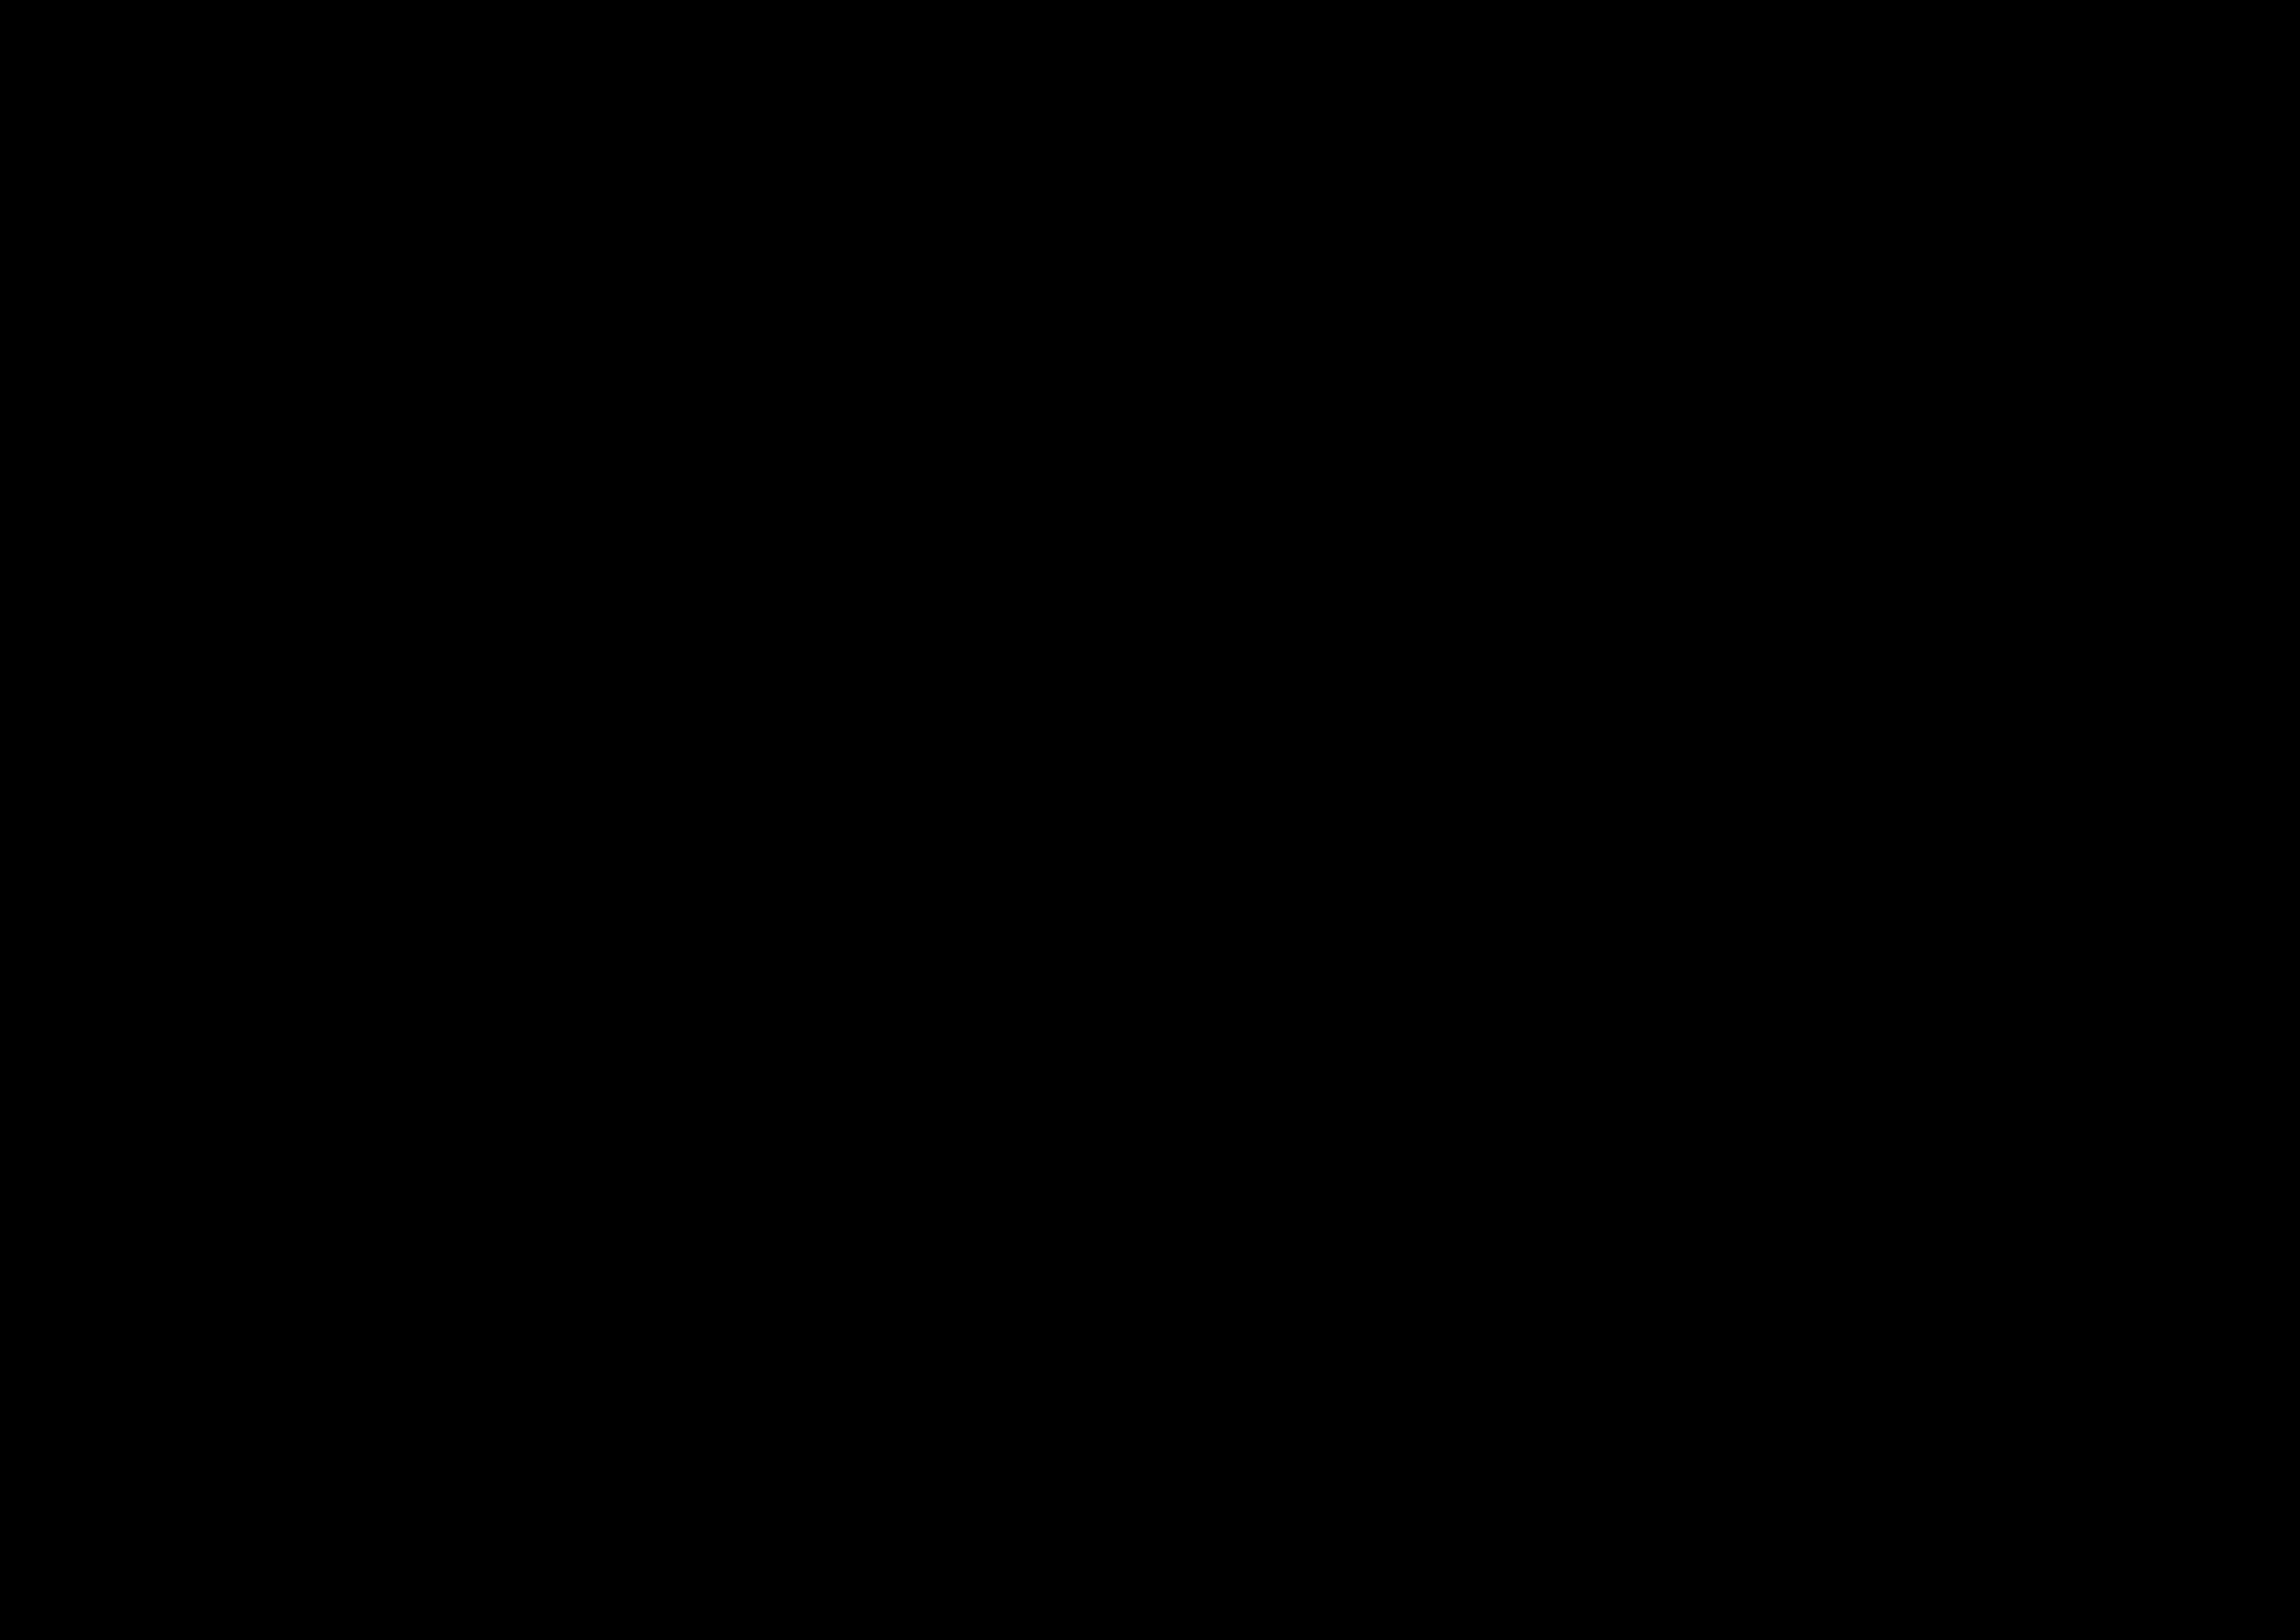 design_logo_byron_bay